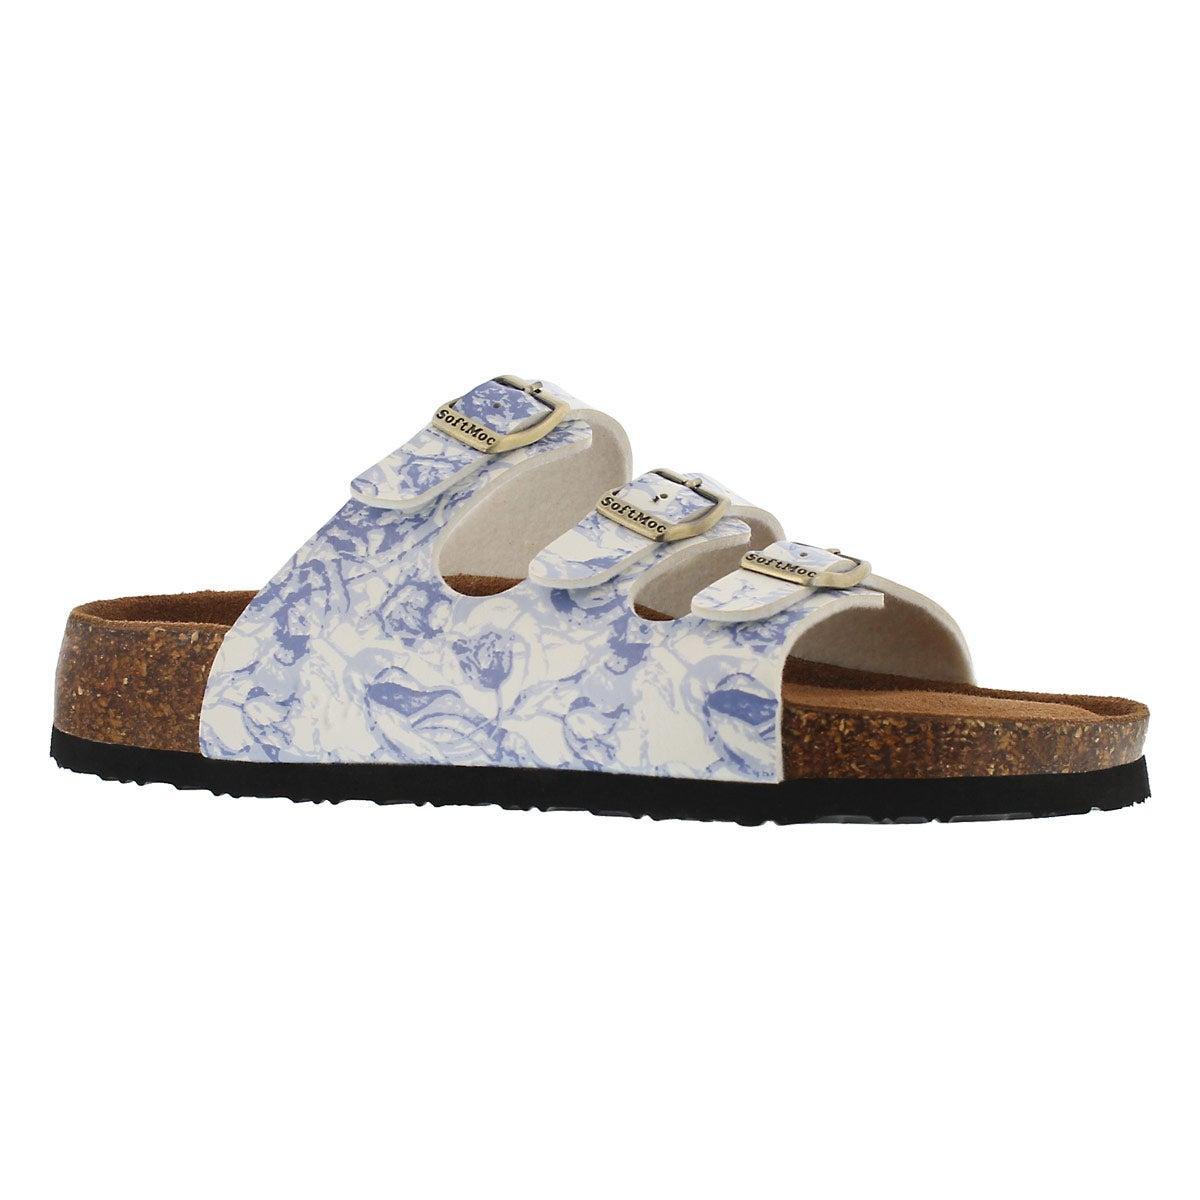 Women's ALEXIS 5 blu/flwr memory foam sandals